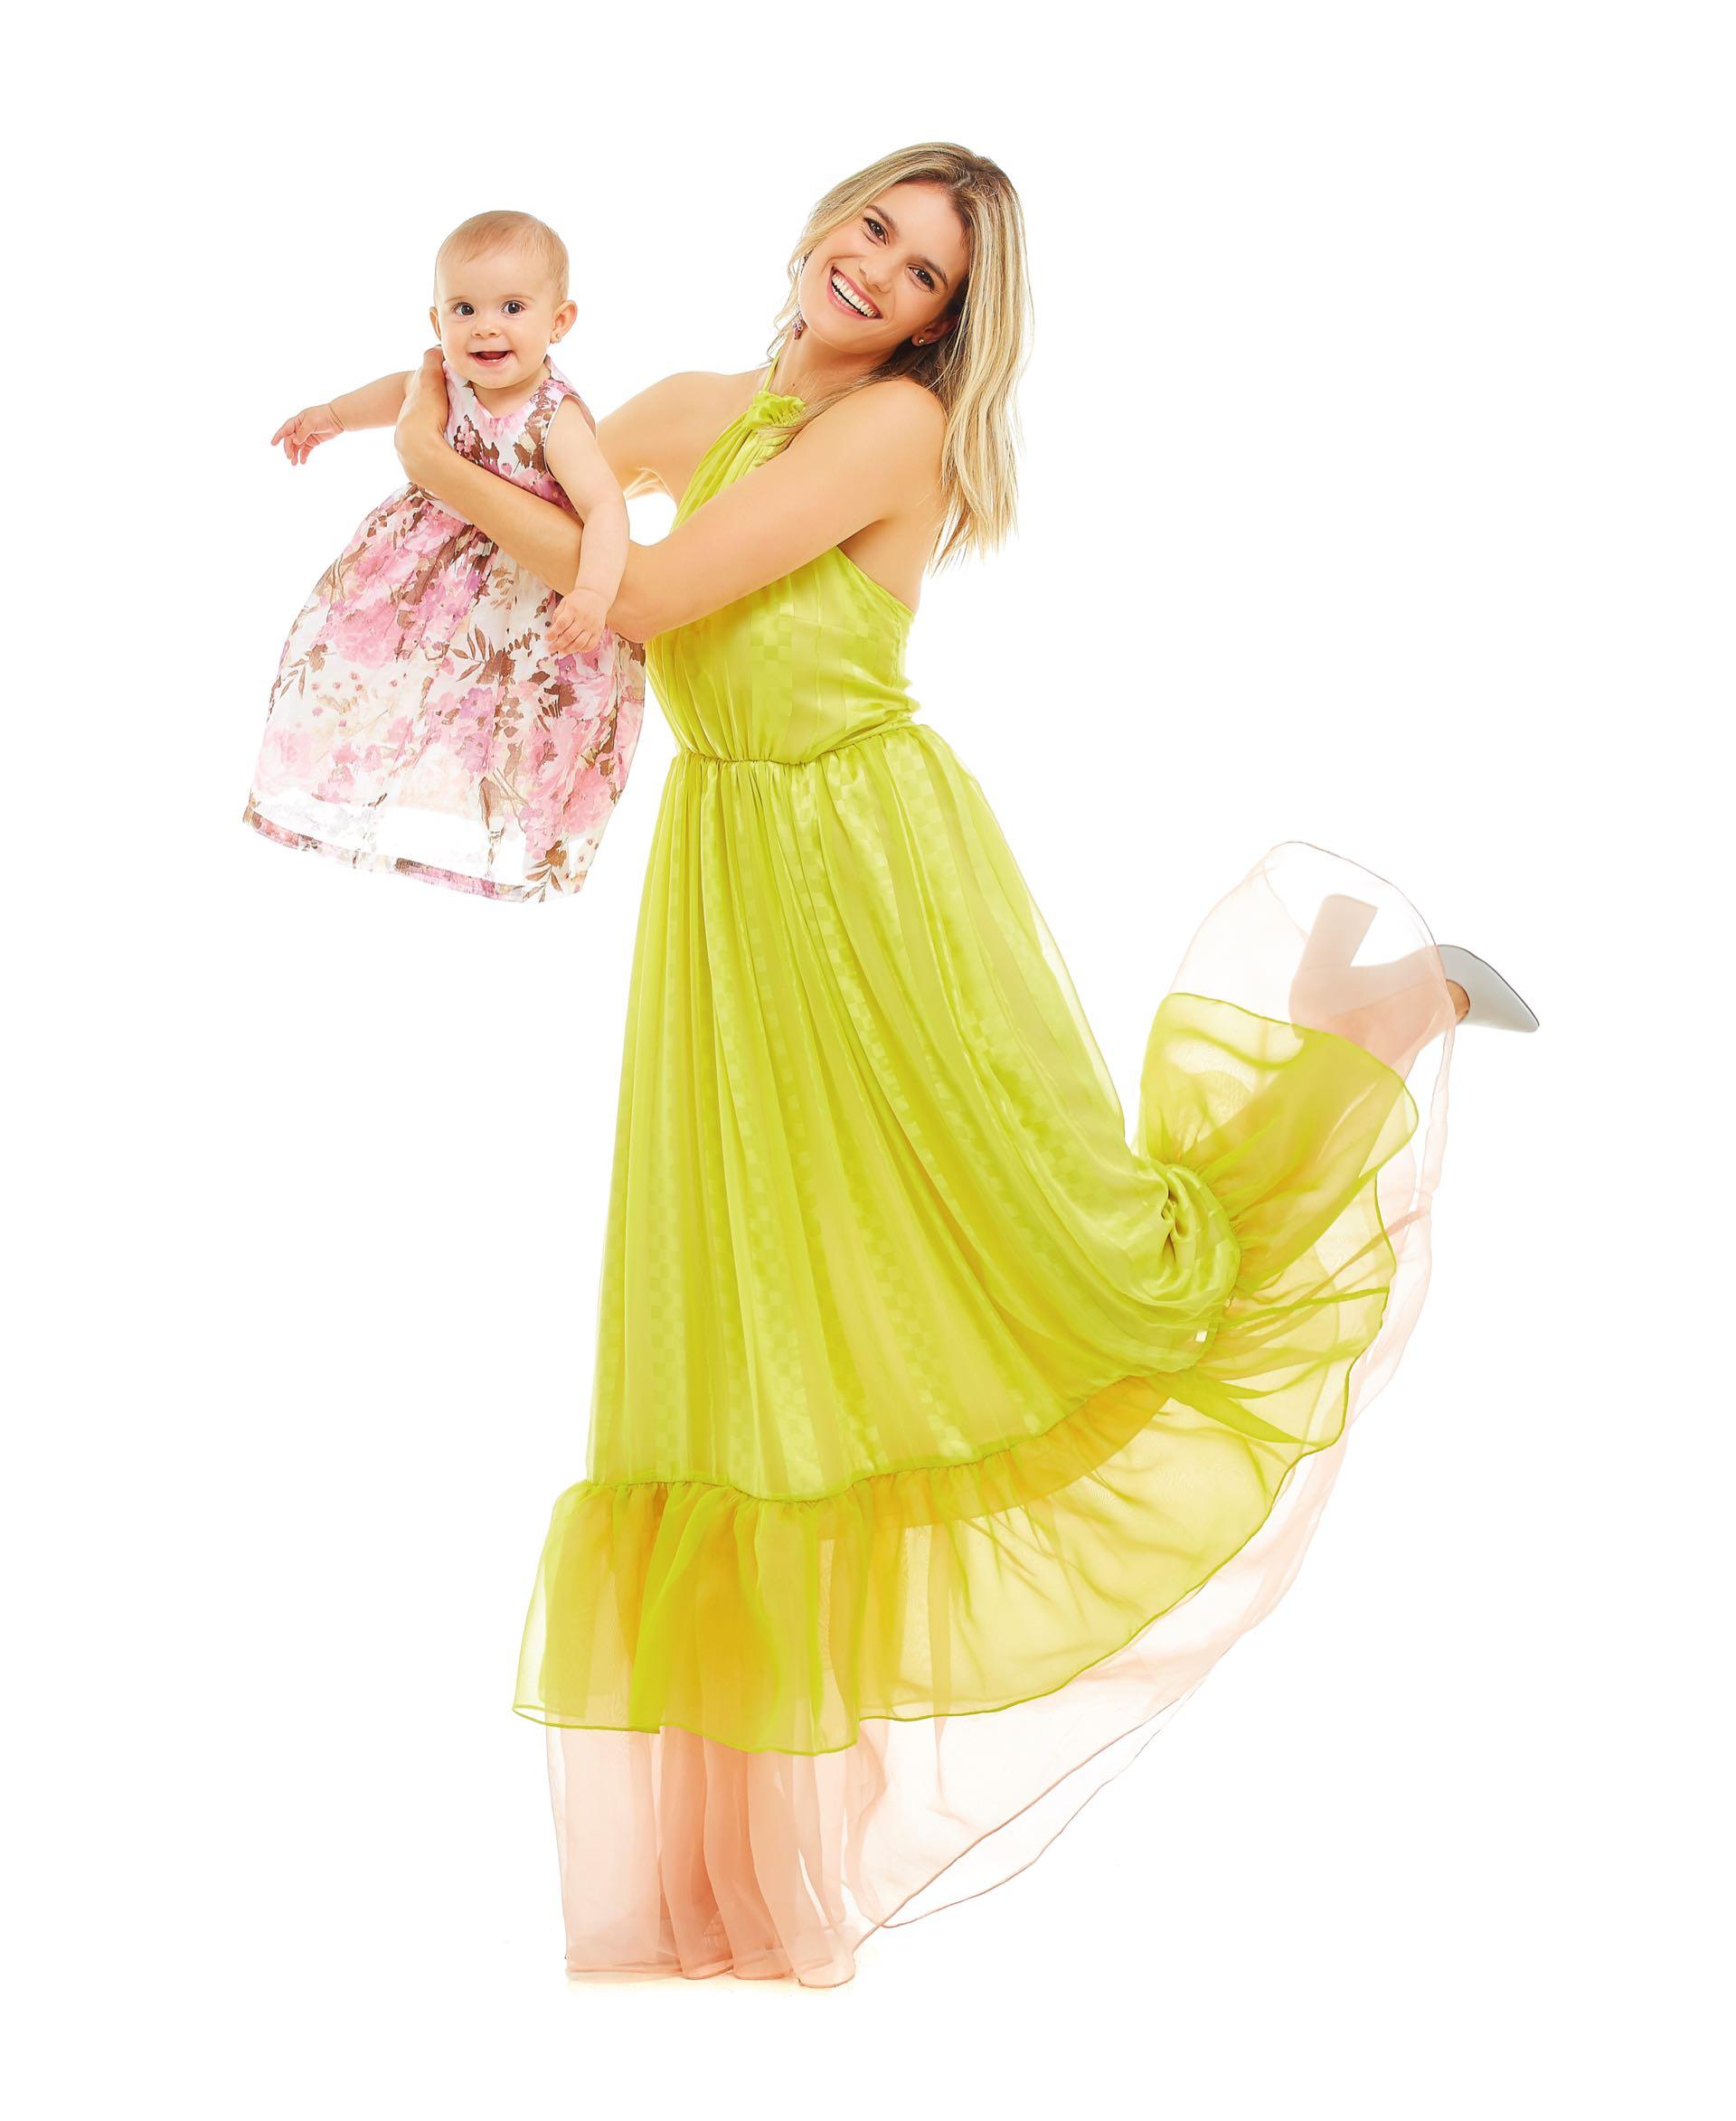 Yésica: vestido de seda con escote halter (Fabián Zitta) y stilettos de cuero con taco cuadrado ($ 2.790, Viamo). Isa: vestido estampado de voile italiano ($ 1.176, Acquachiare). Nat: vestido de tul íntegramente bordado con hilos de colores (Javier Saiach). Debbie: vestidode broderie ($ 1.935, Grisino). Mona: mono de encaje ($ 1.650, Mimo & Co).